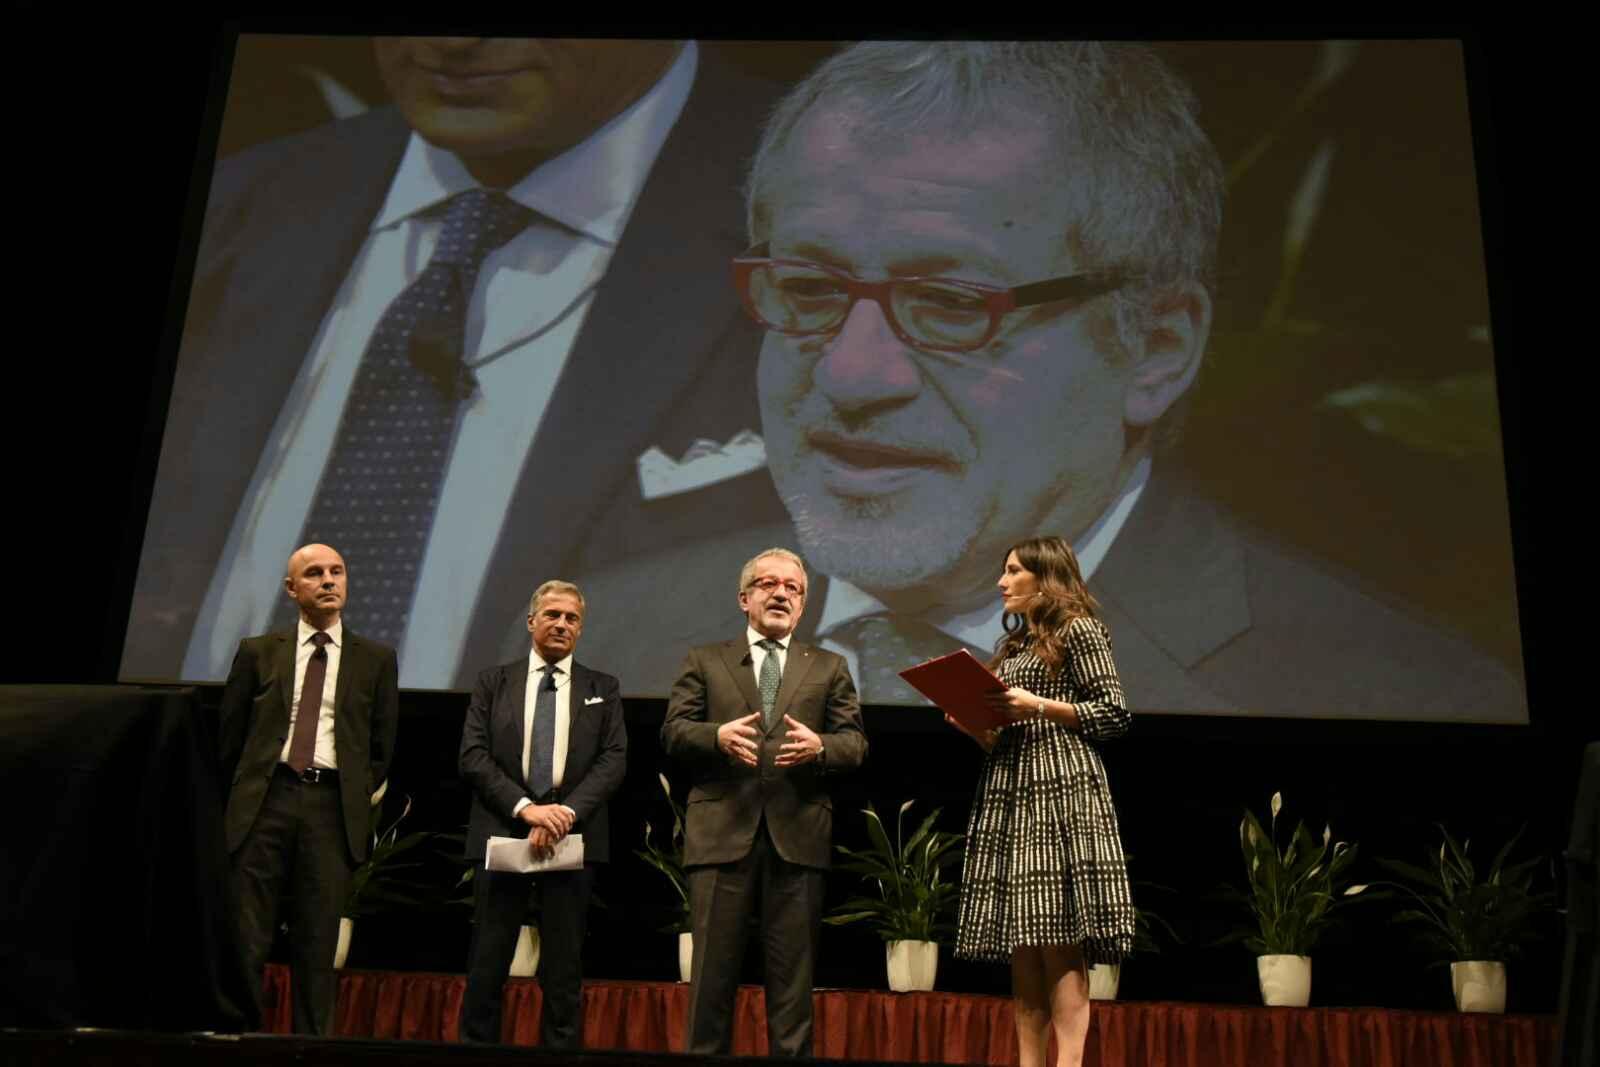 Premio tulio halperin donghi i edición centro de estudios